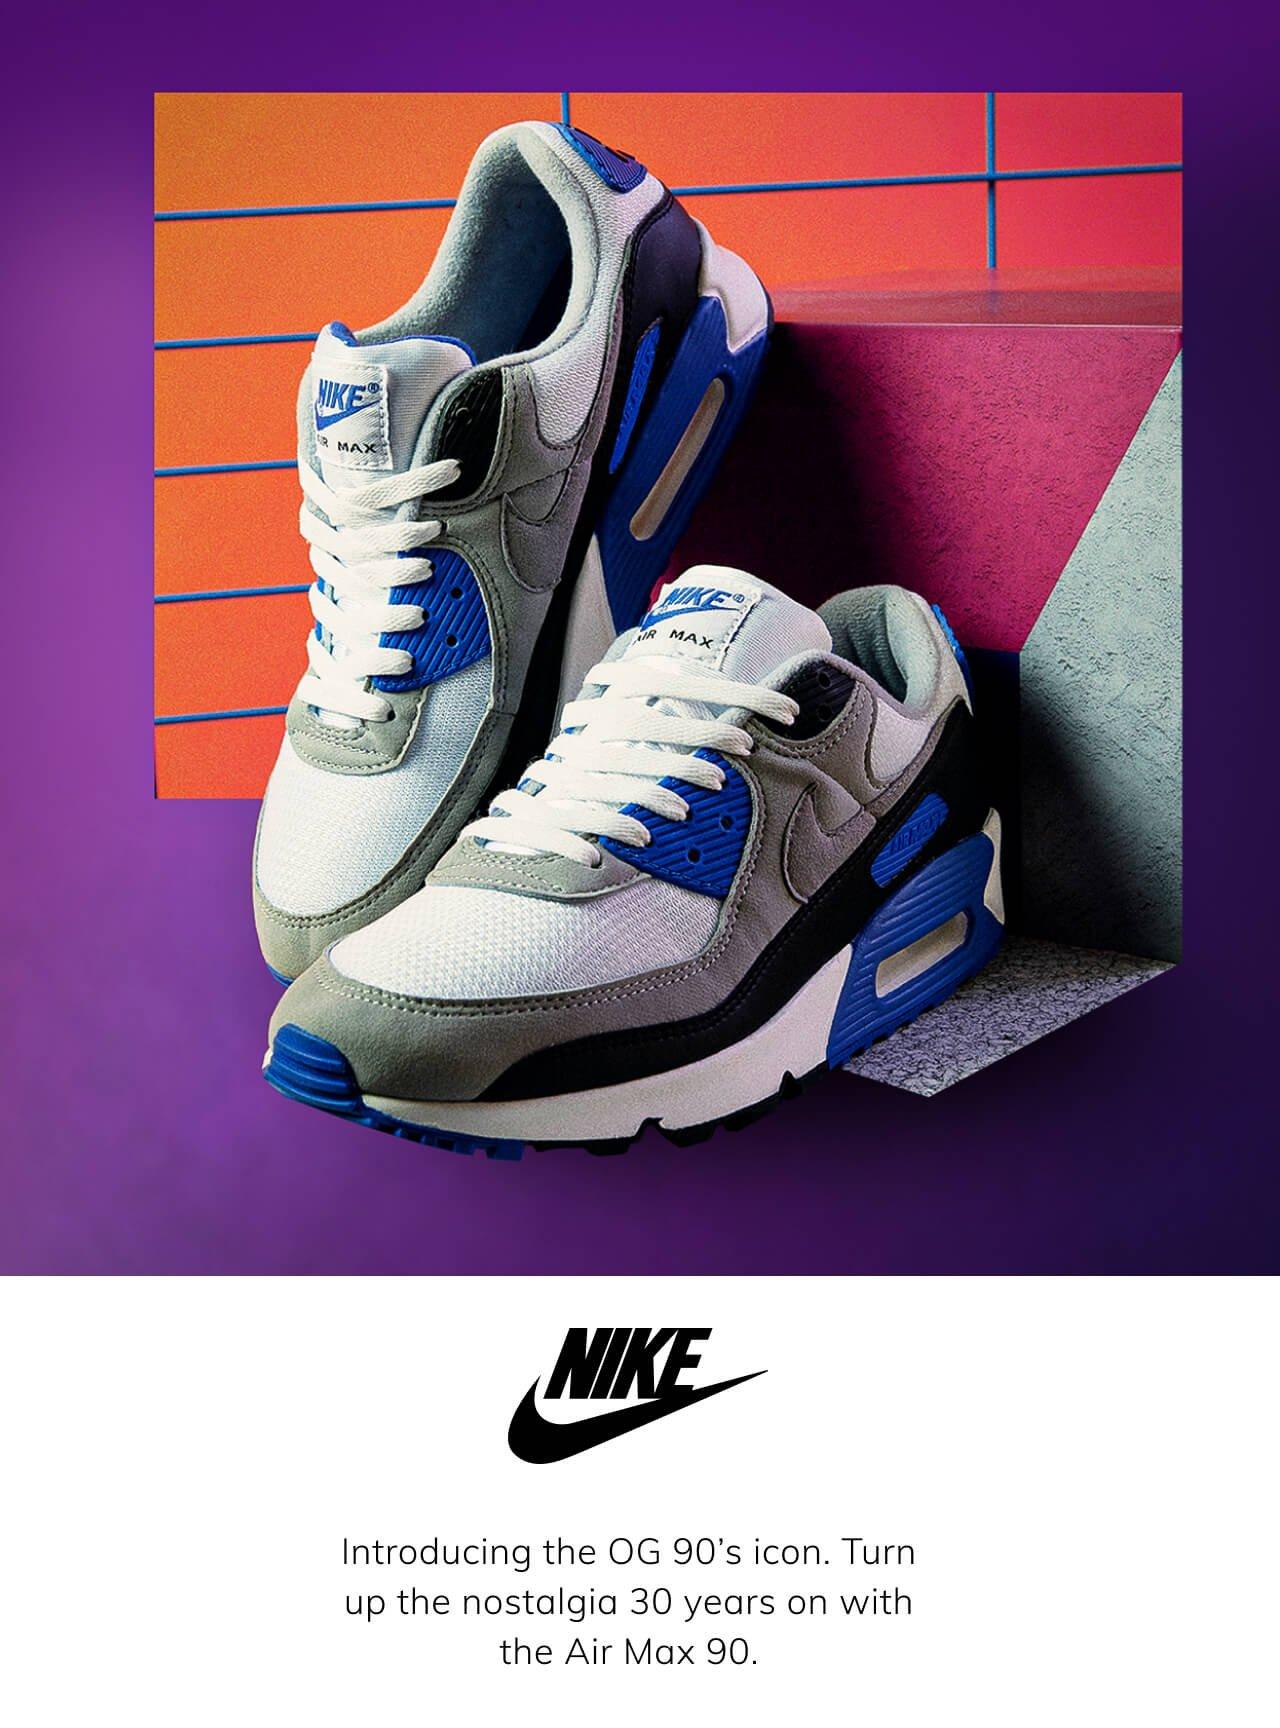 OG Nike Air Max 90 lands at scotts